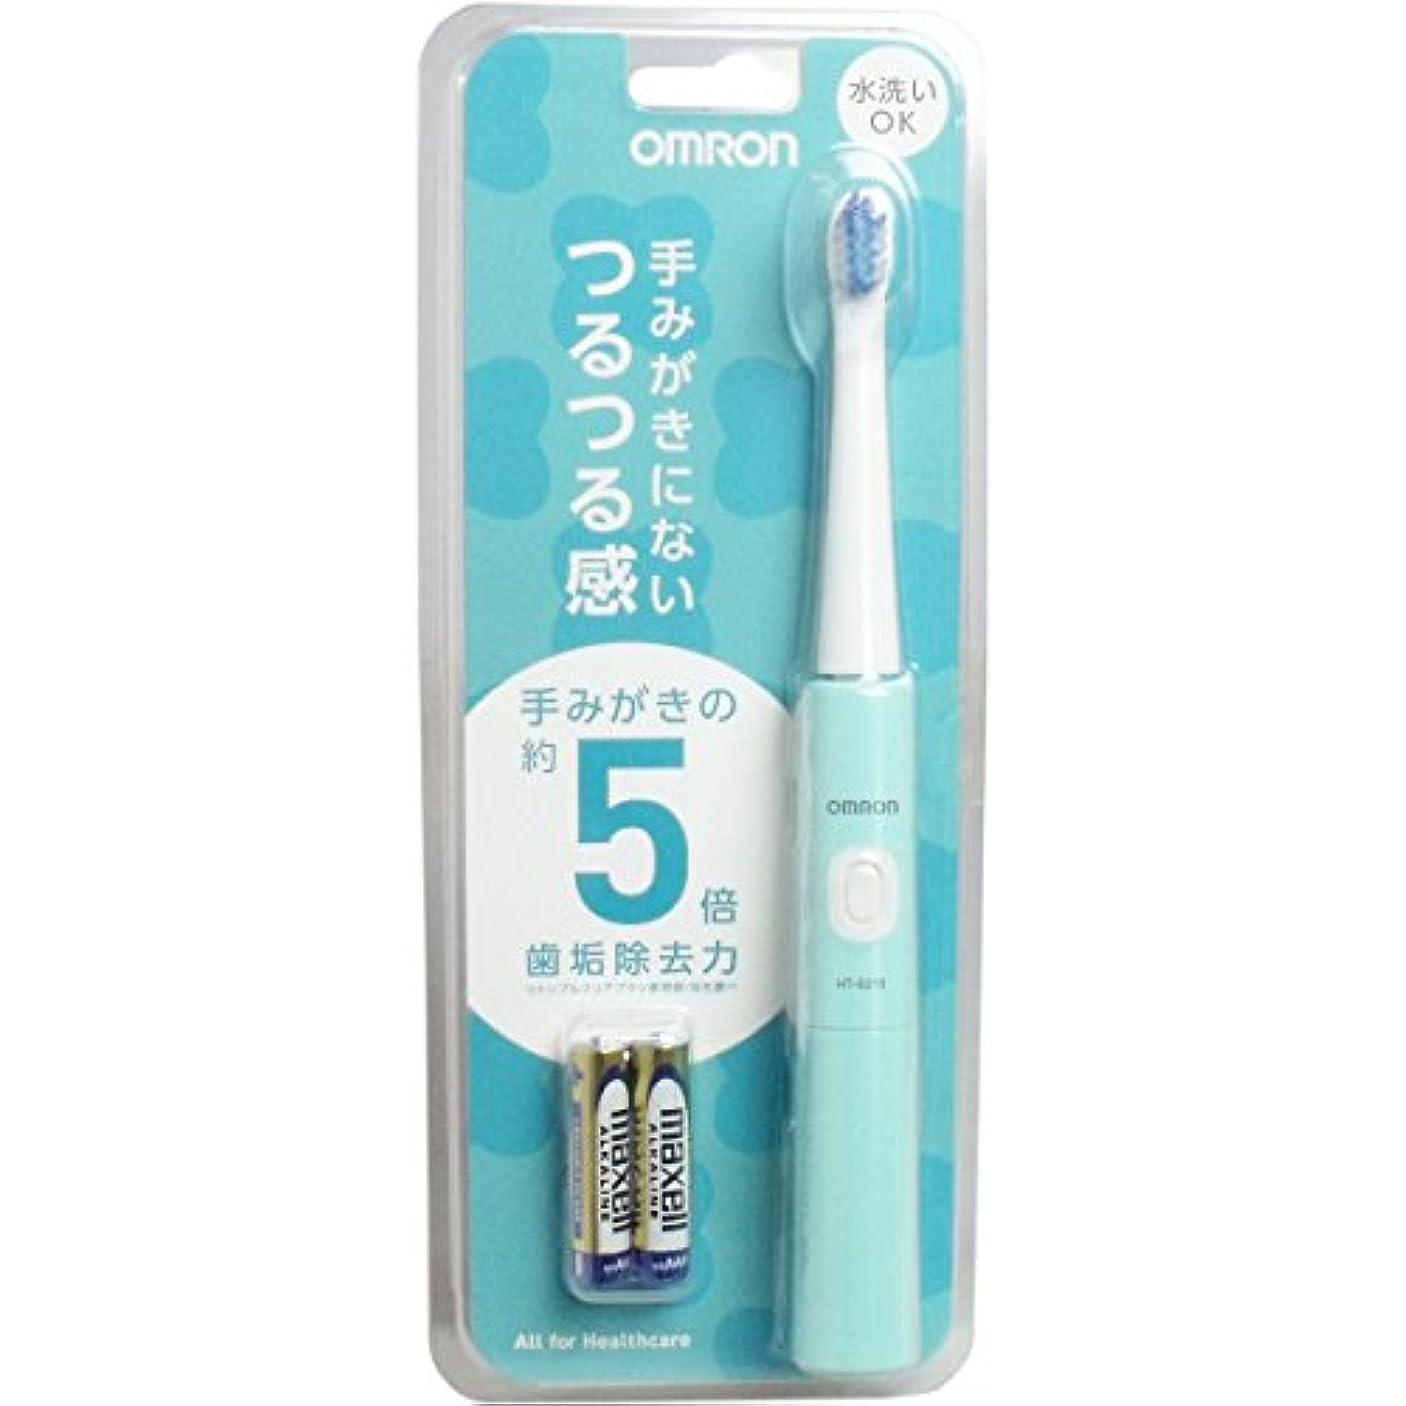 無人家庭教師傾斜オムロンヘルスケア 音波式電動歯ブラシ ミントグリーン HT-B210-G